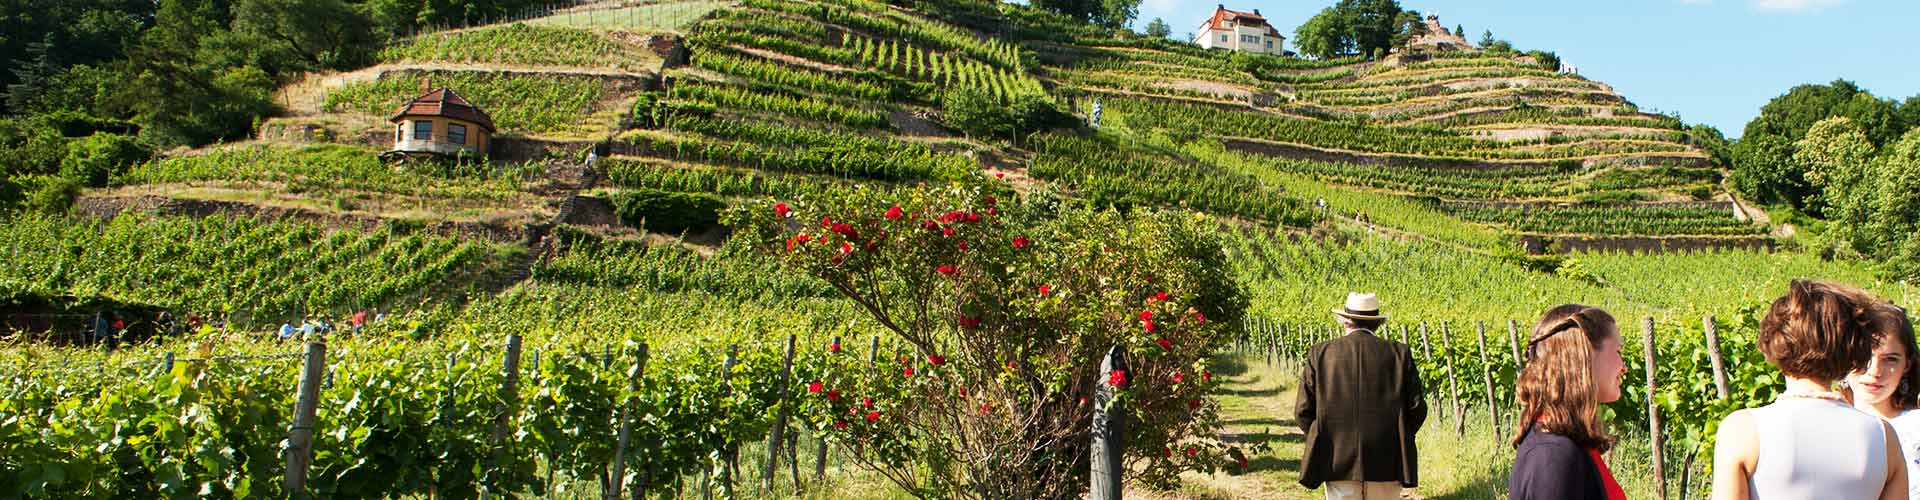 Spaziergänger auf dem Kunst- und Weinwanderweg